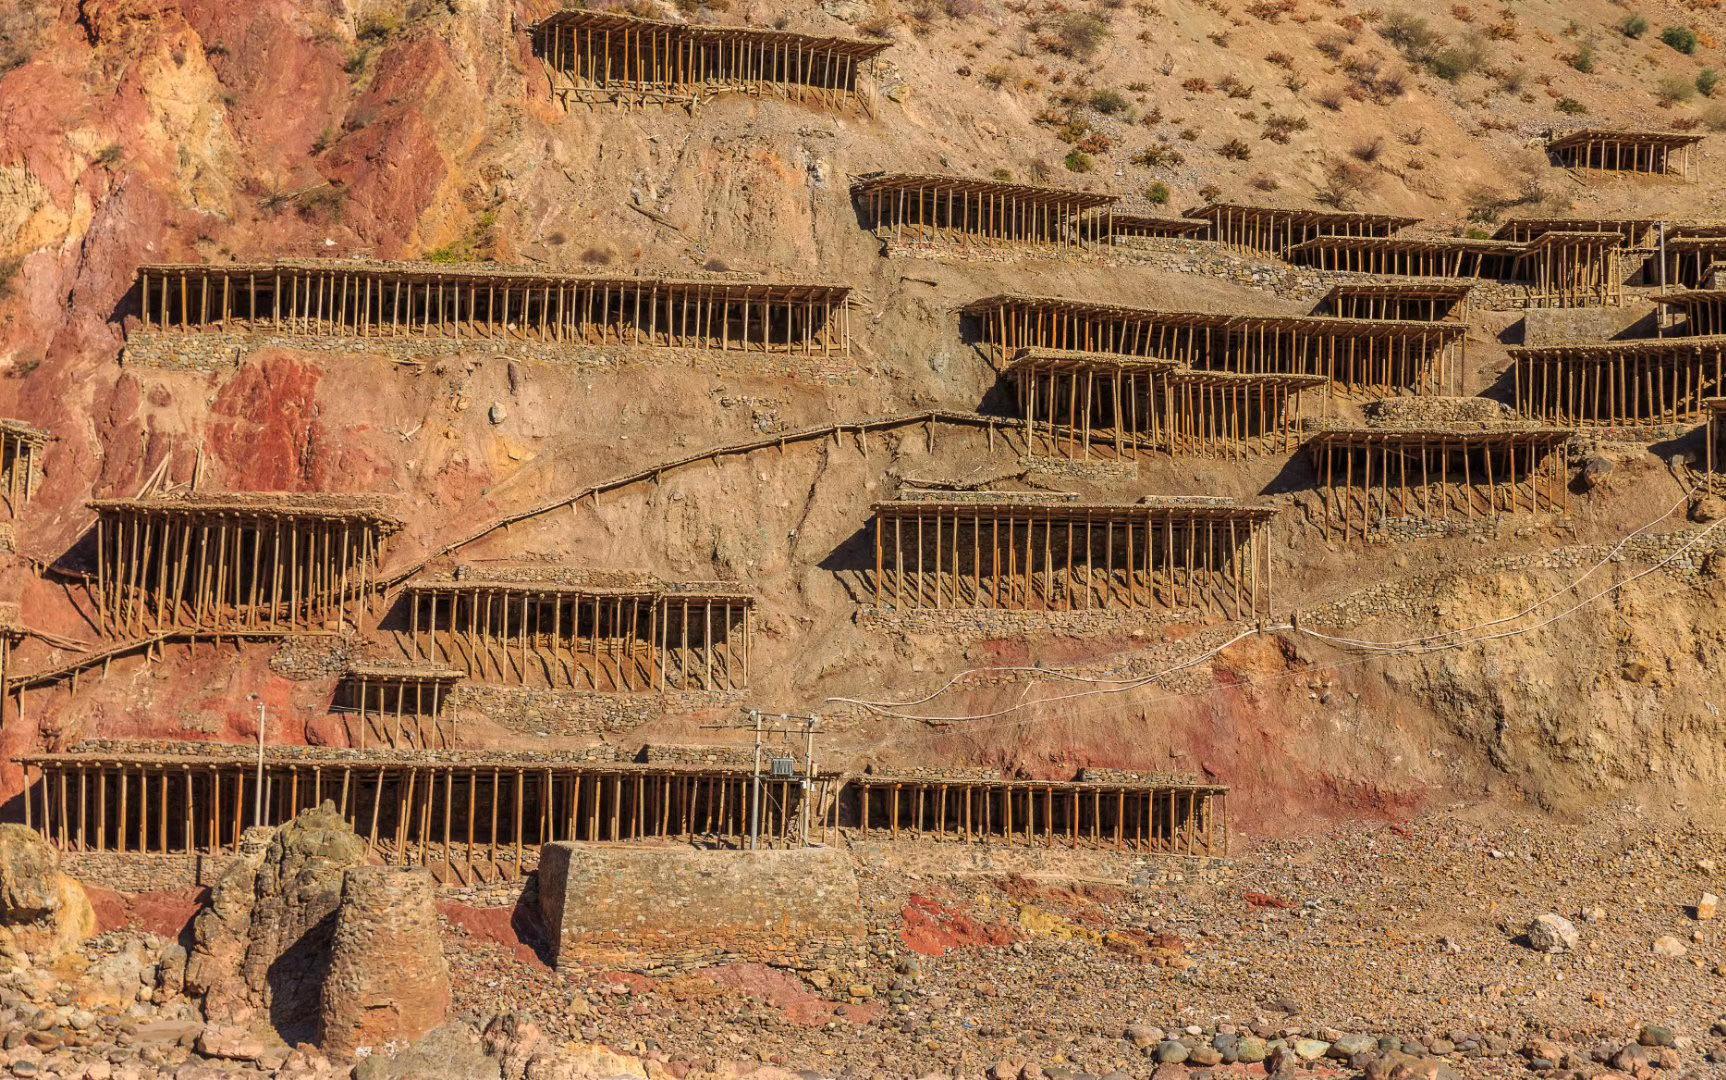 这处千年古盐田,位于芒康县南部的纳西乡、曲孜卡乡